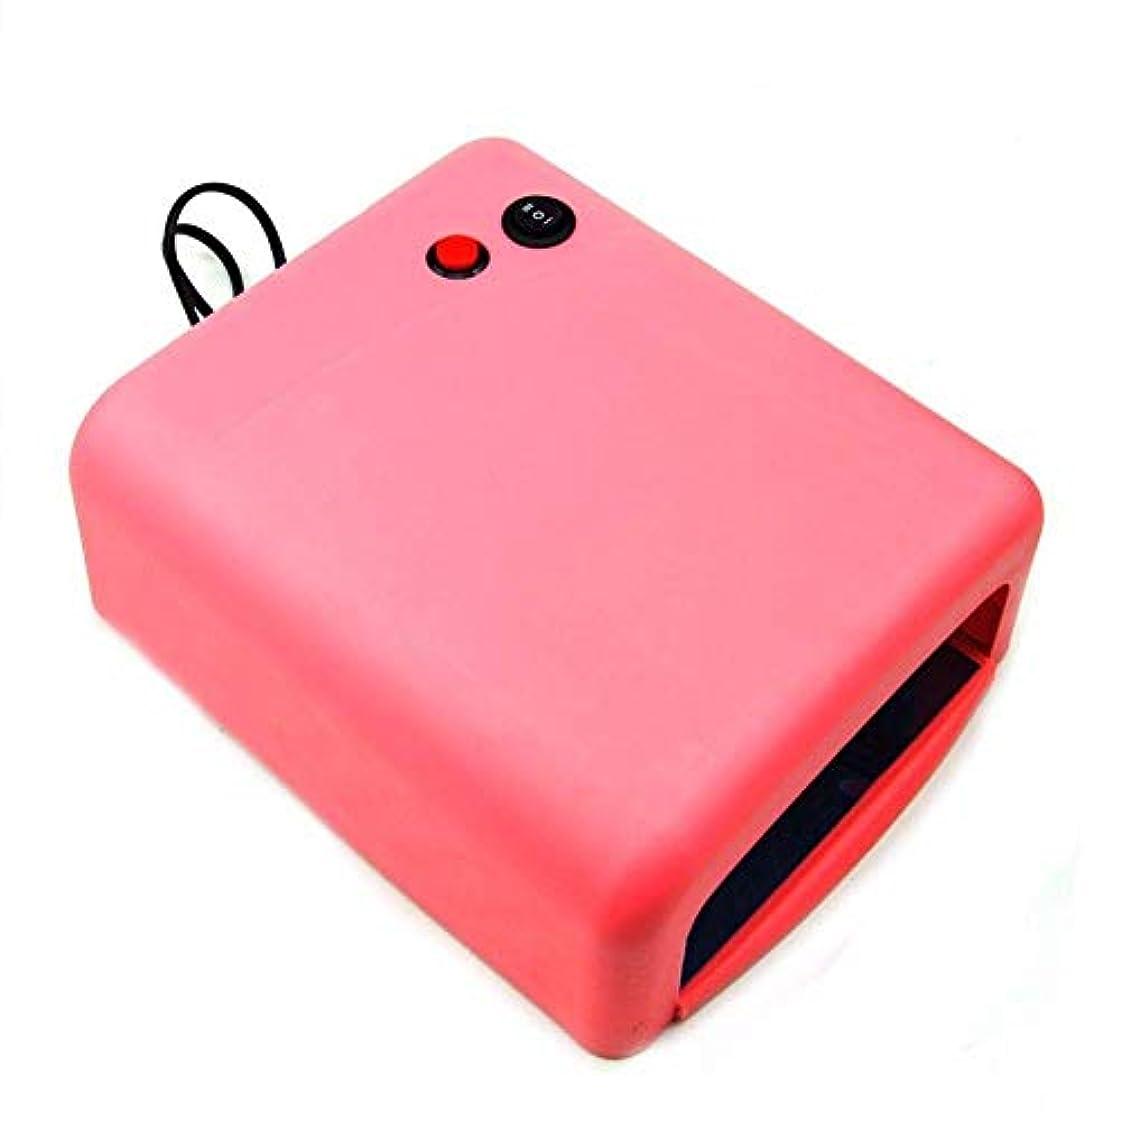 餌ピストン合金ネイルドライヤーネイルドライヤー36WプロのUV LEDランプネイルドライヤーポリッシュマシン用ネイルジェルEU / USプラグ4X 9Wランプピンク色、写真の色